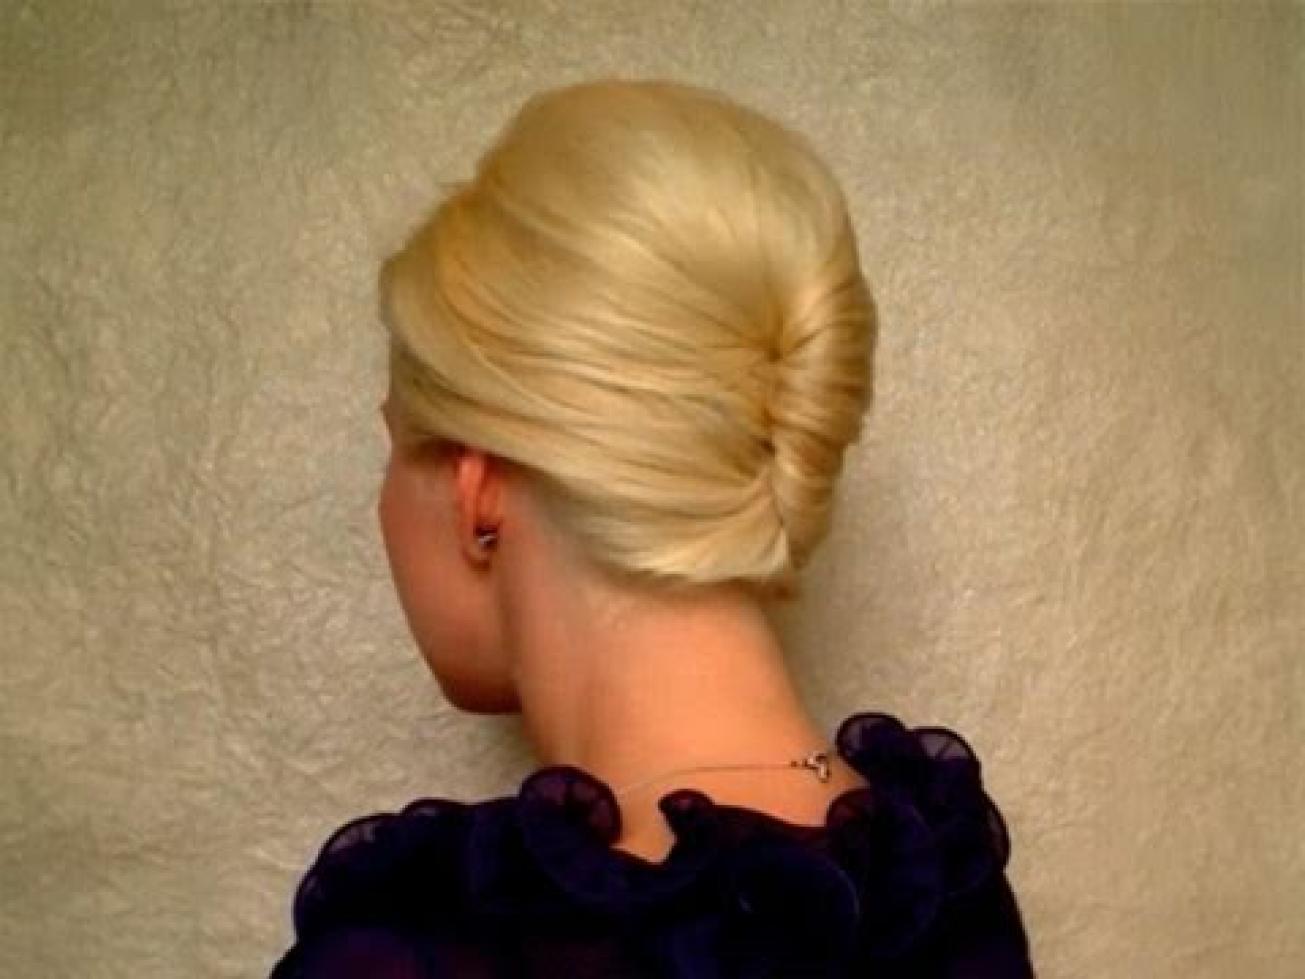 Прически с валиком для волос: 10 причесок своими руками 31